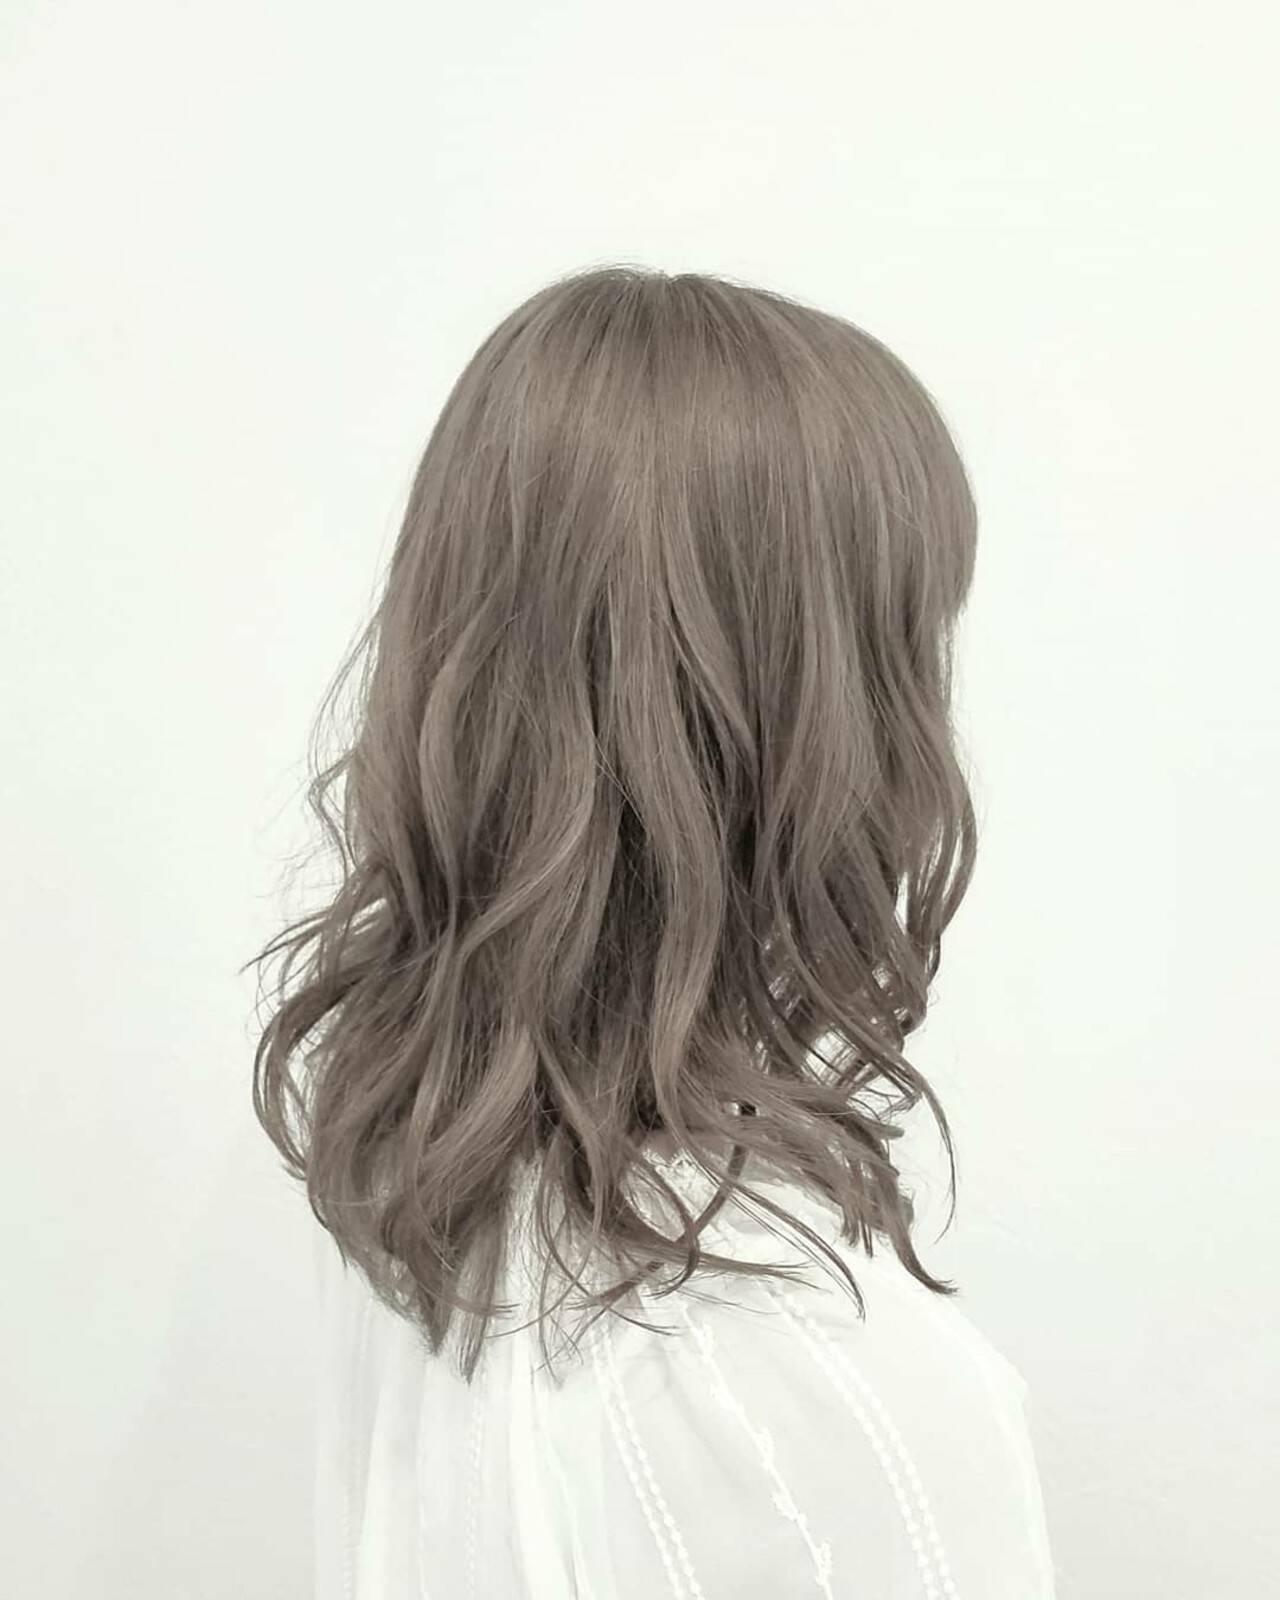 アッシュ ハイライト ハイトーン ミディアムヘアスタイルや髪型の写真・画像